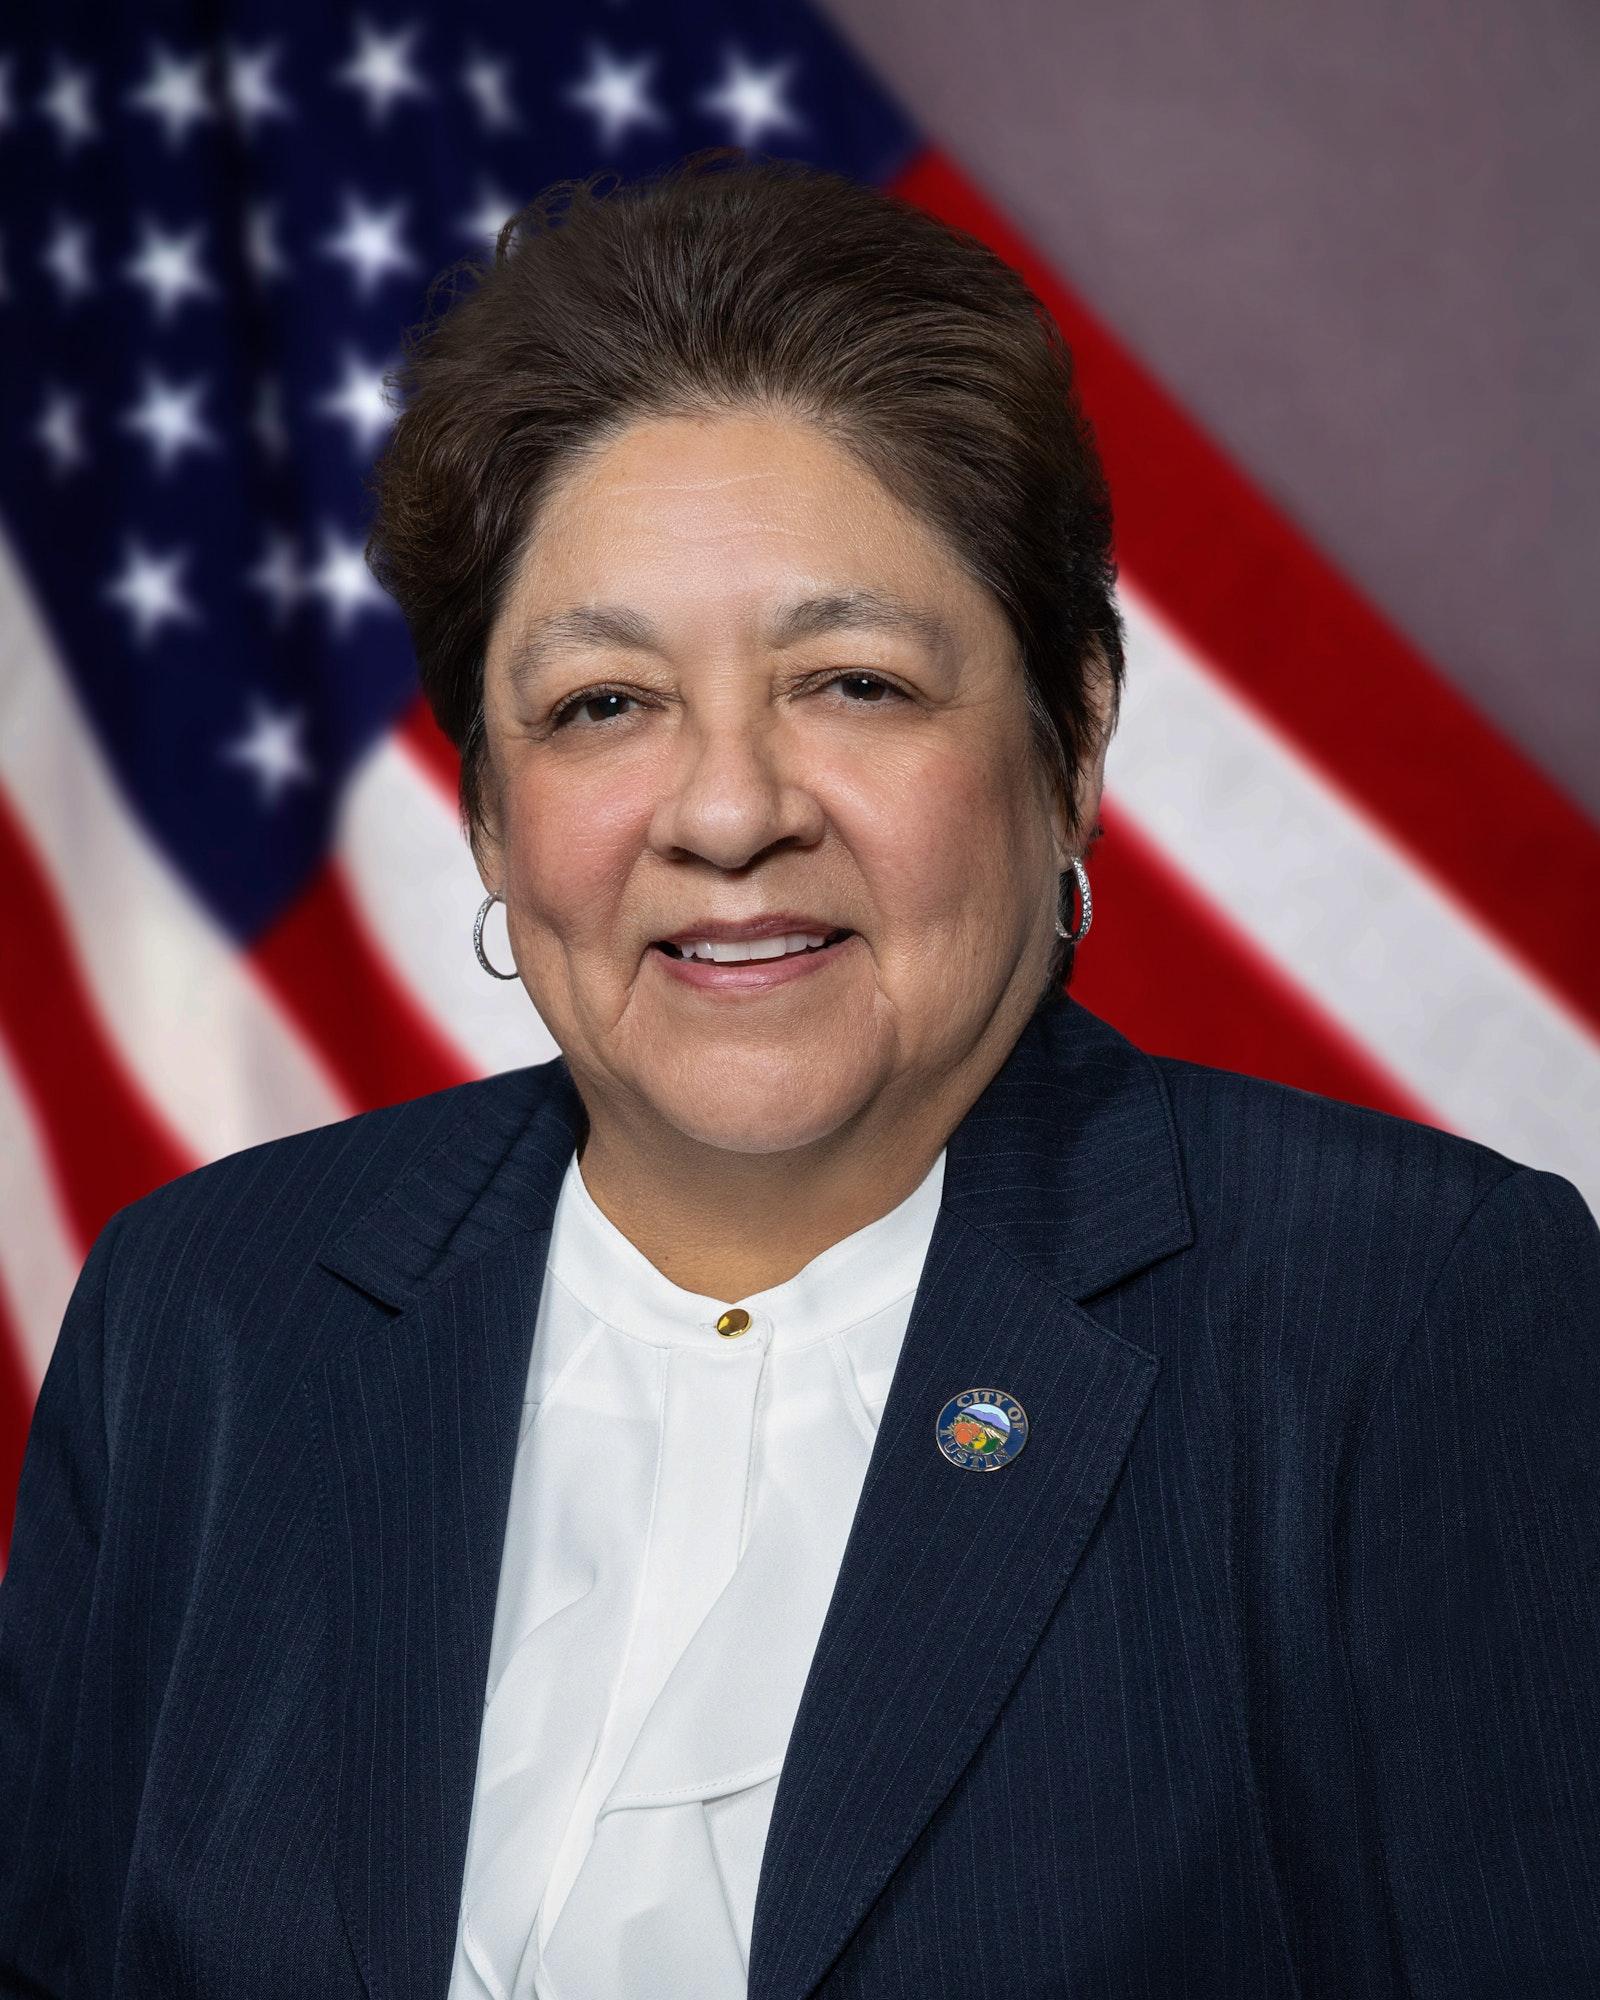 Tustin Trustee, Rebecca Gomez